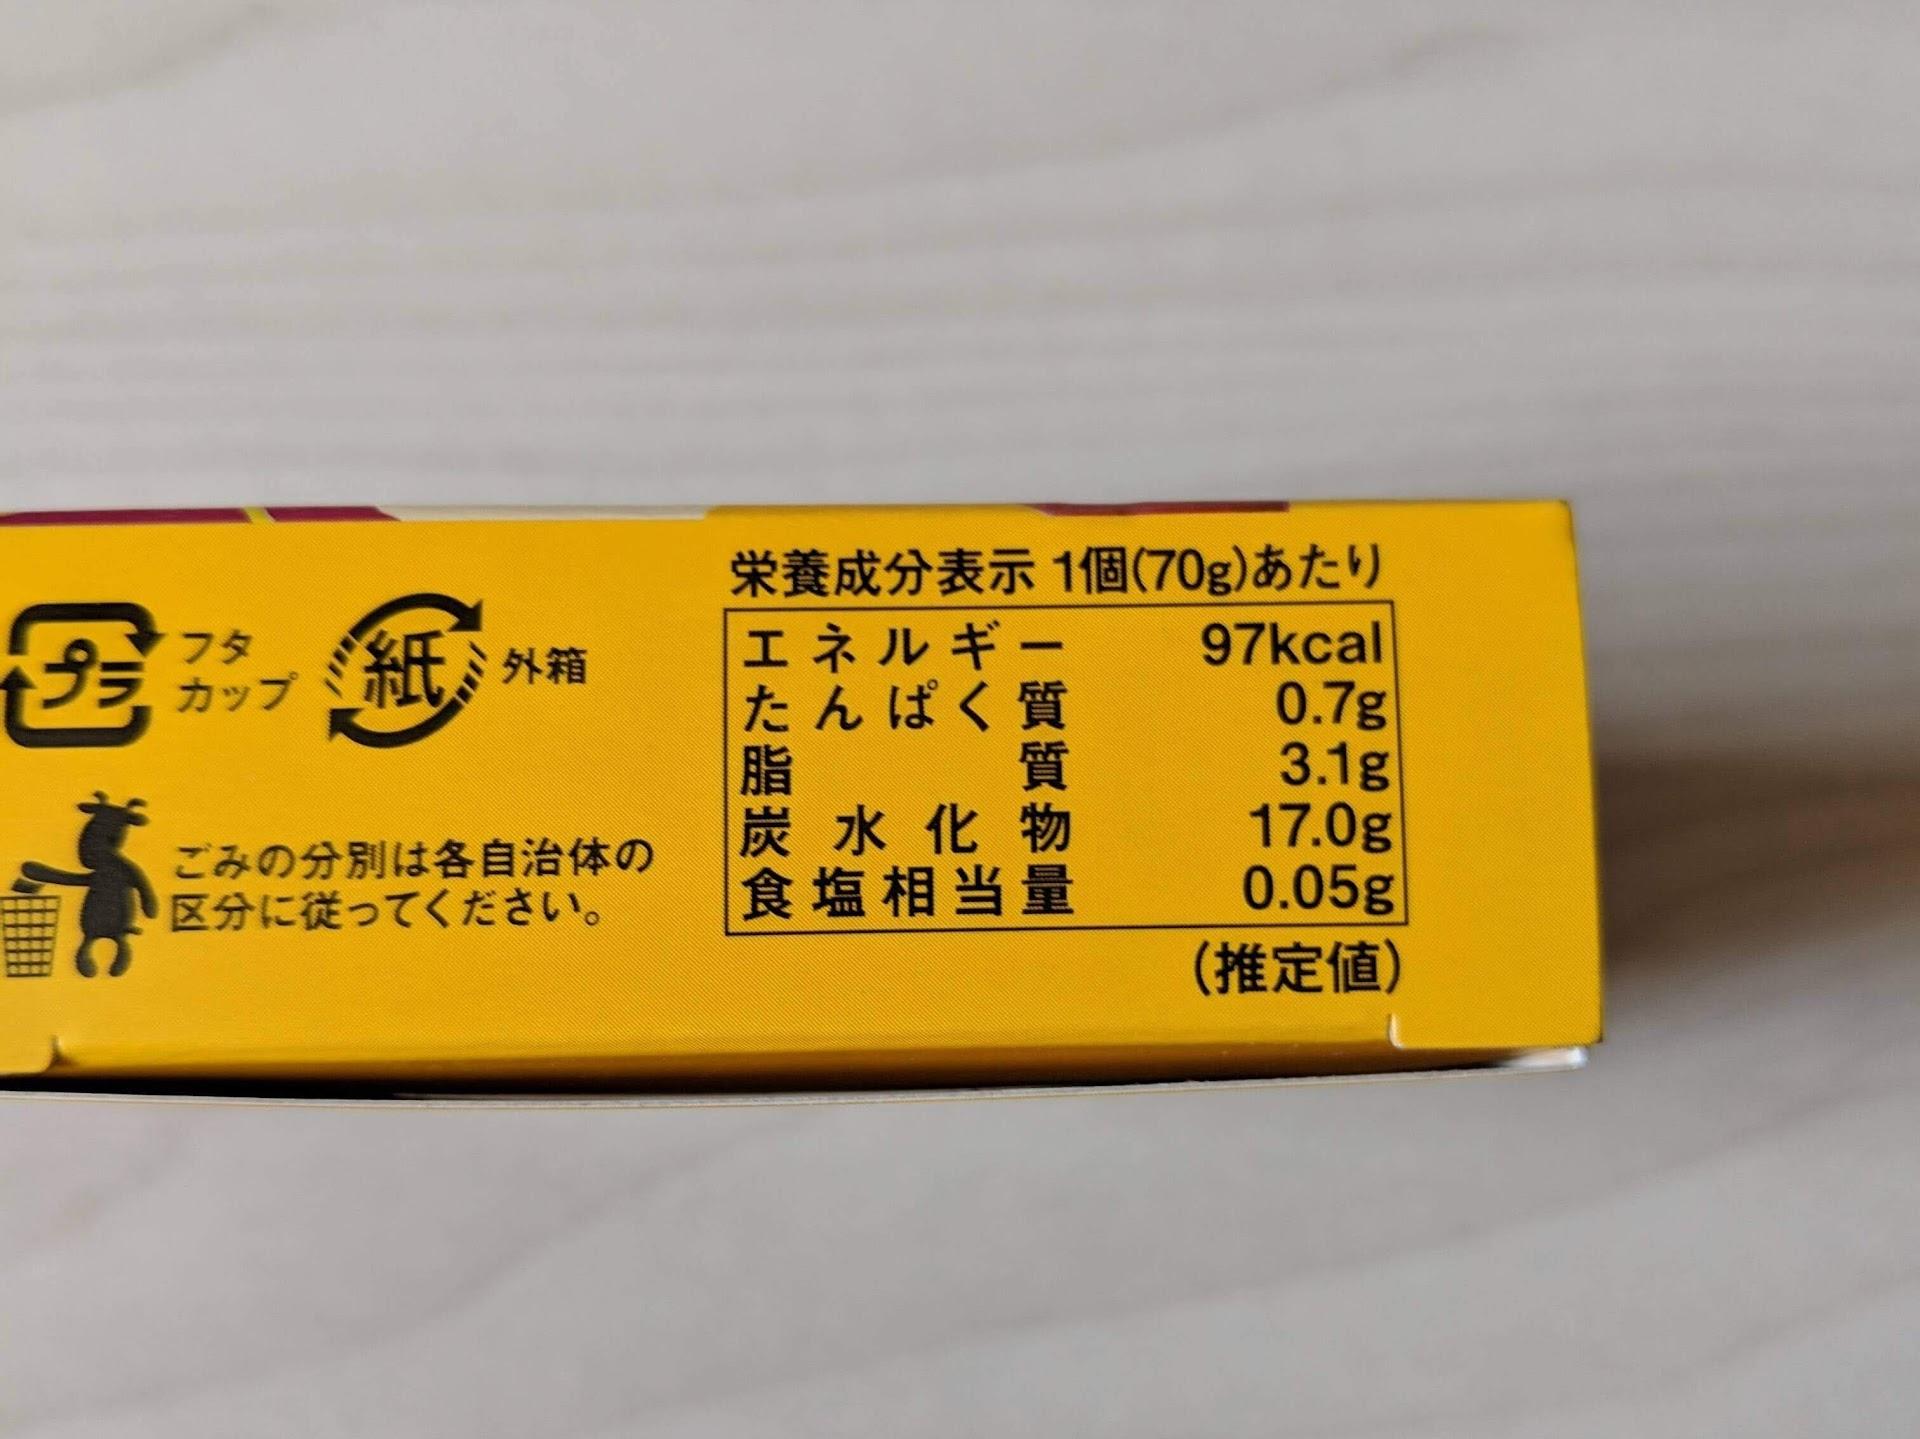 カルディ 安納芋プリン 栄養成分表示